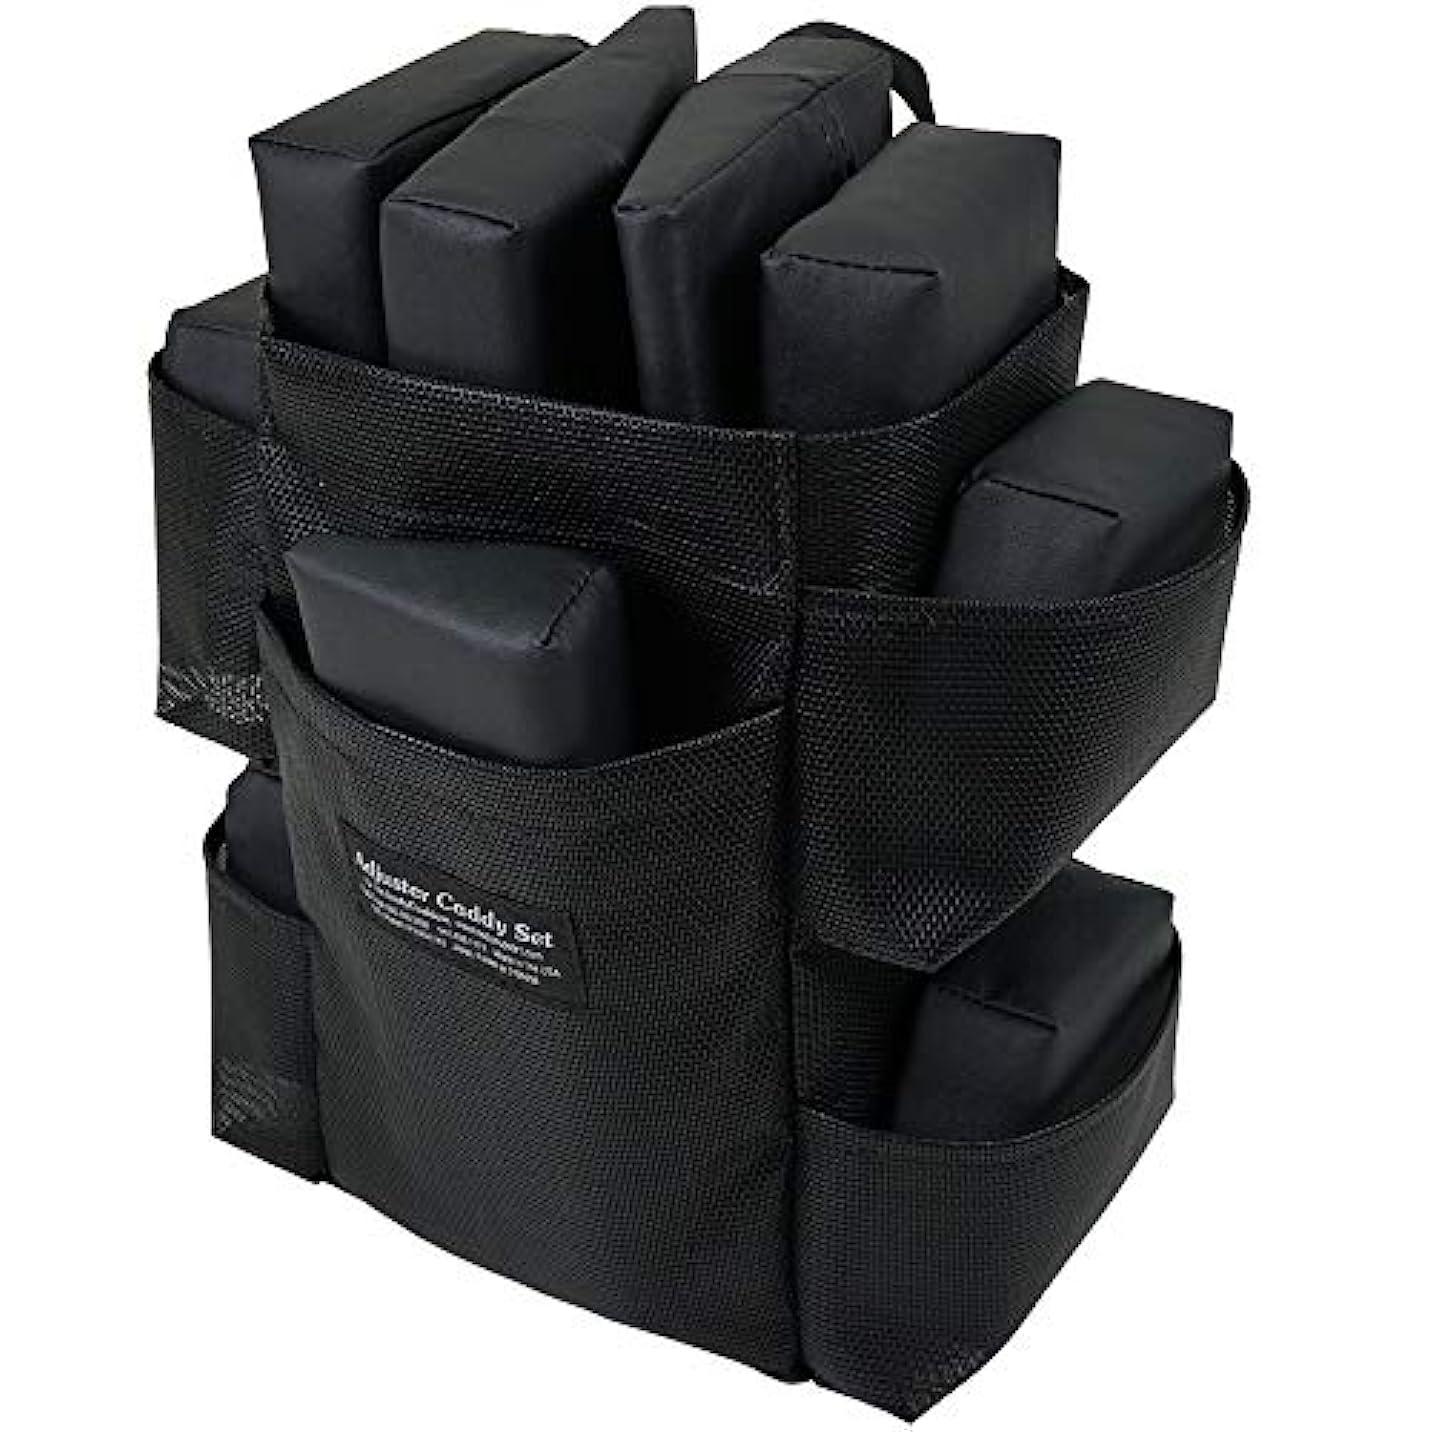 チャンピオンネックレット困惑ピースバッグセット ボディークッション 用 の エクステンダーピース と アジャスターピース バッグ付き